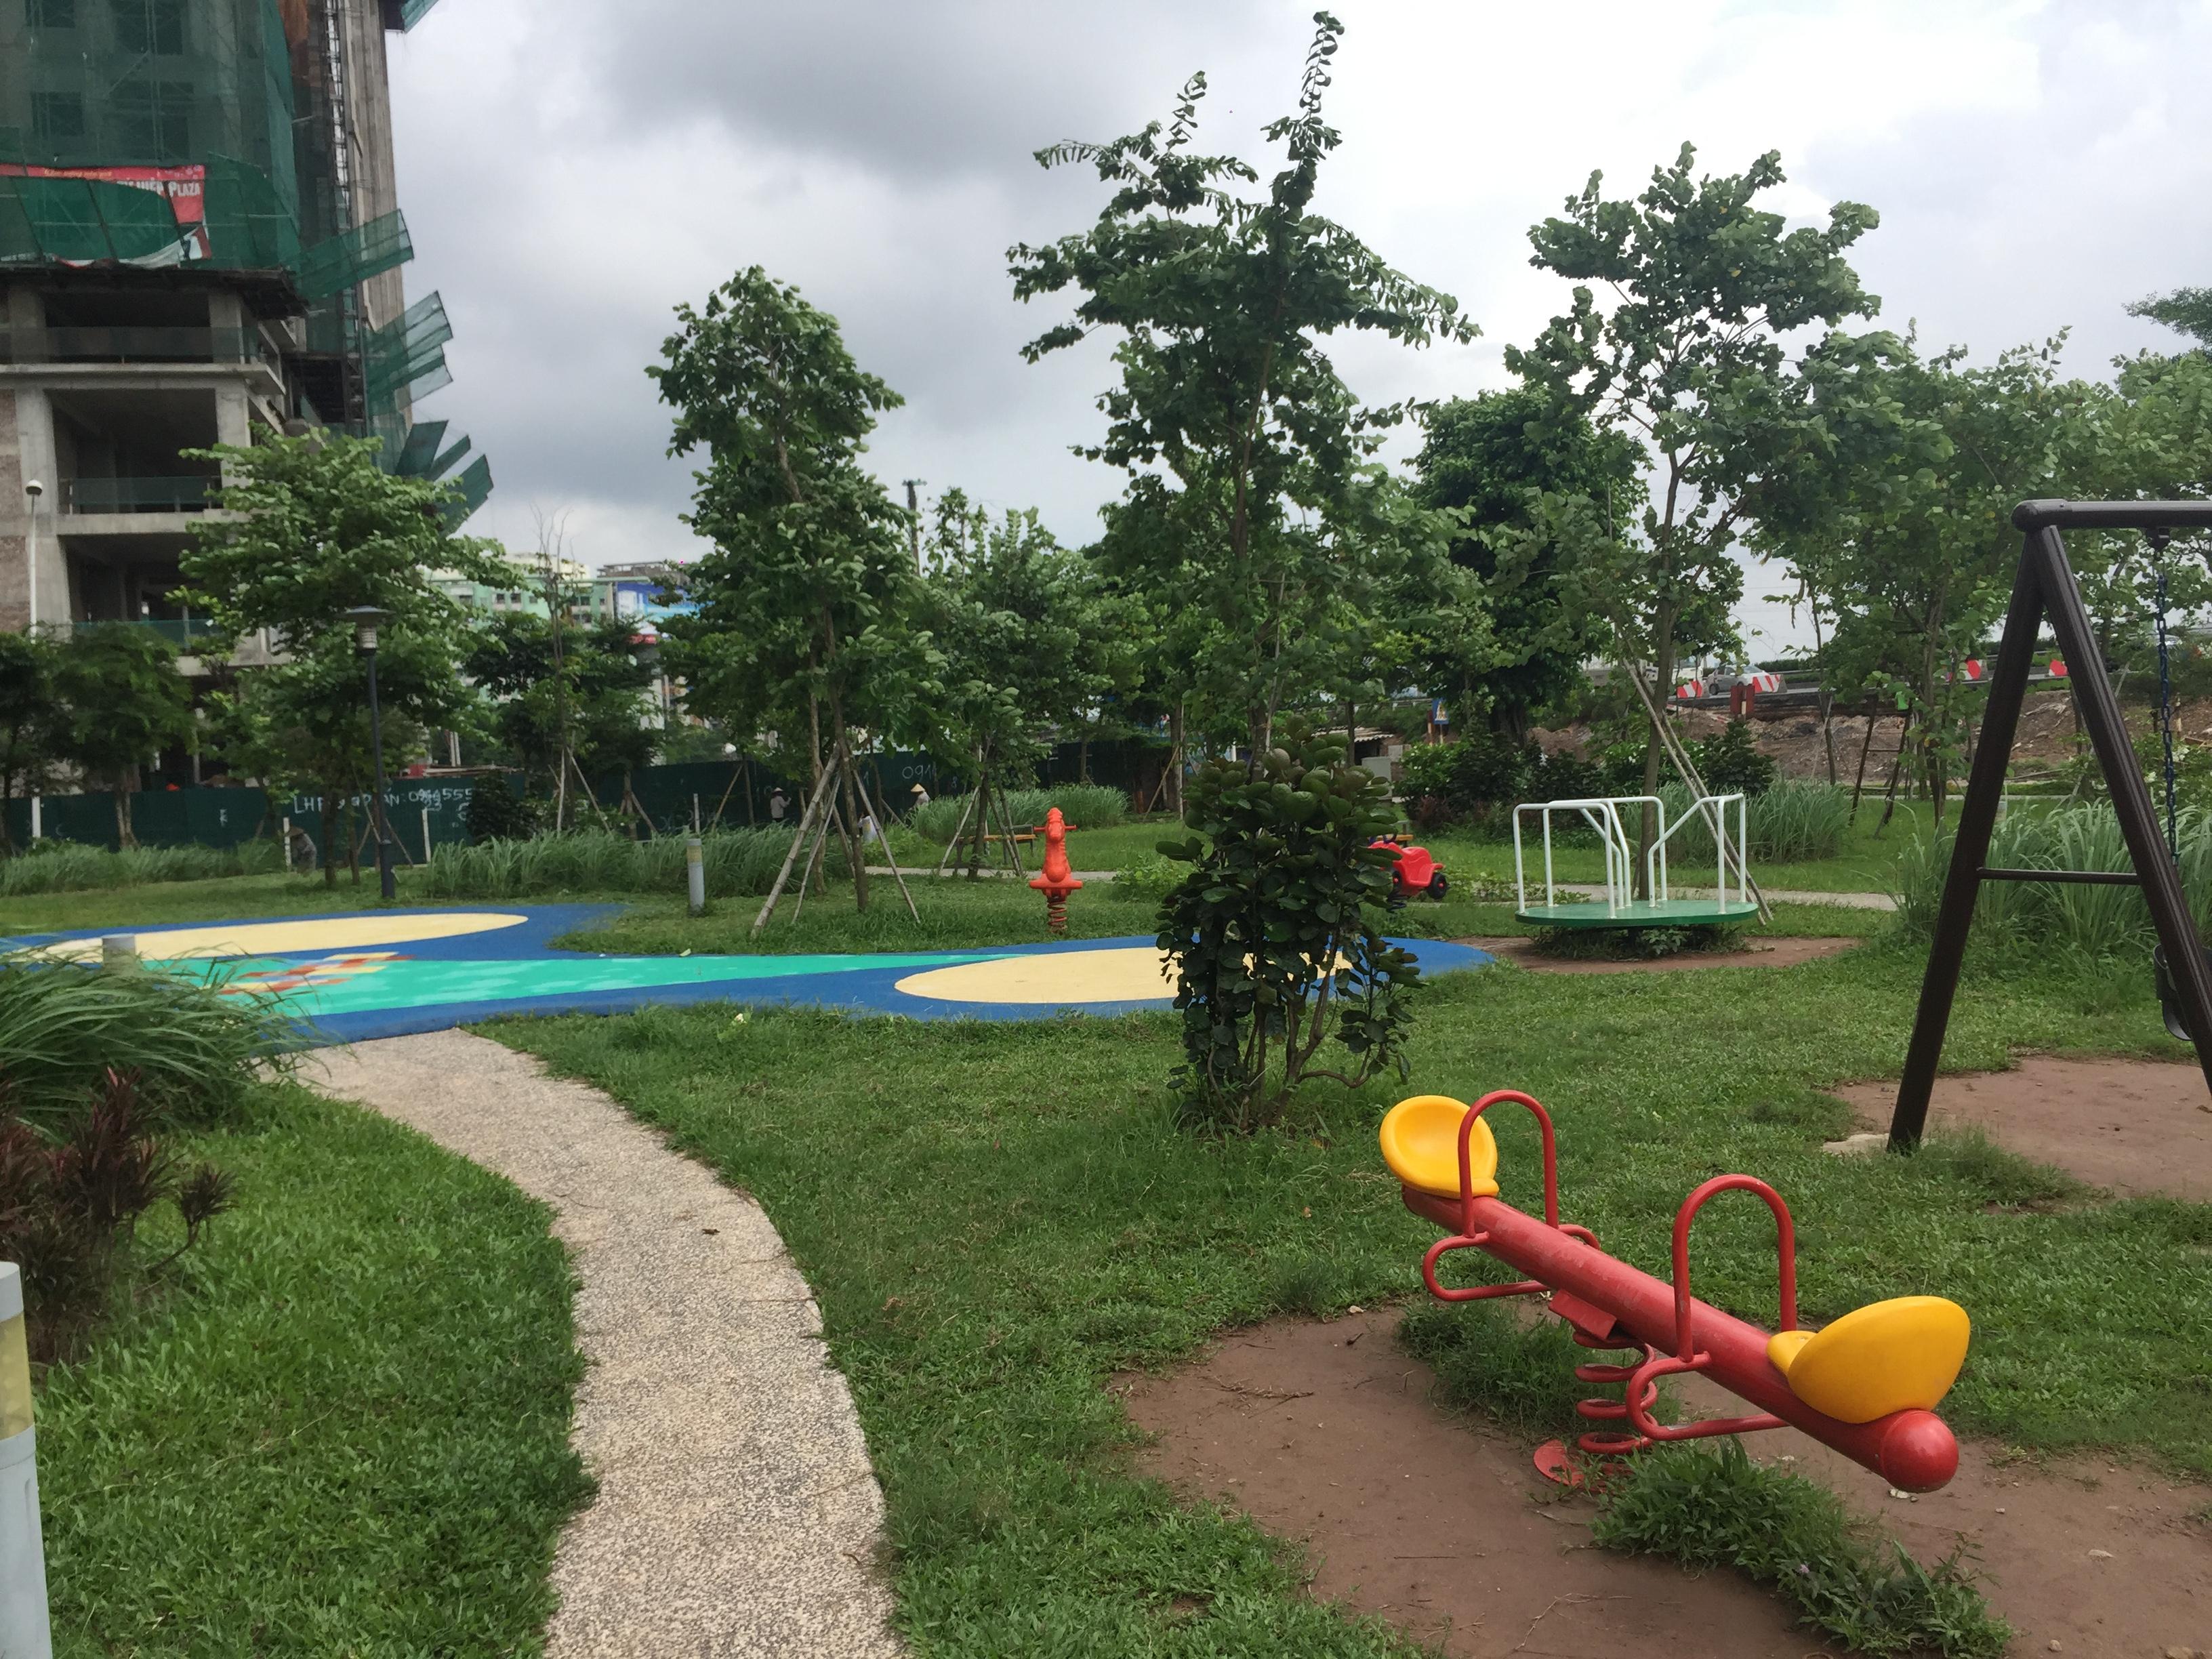 Hình ảnh tháng 7-2017 Khu vui chơi trẻ em tại mỗi tòa nhà